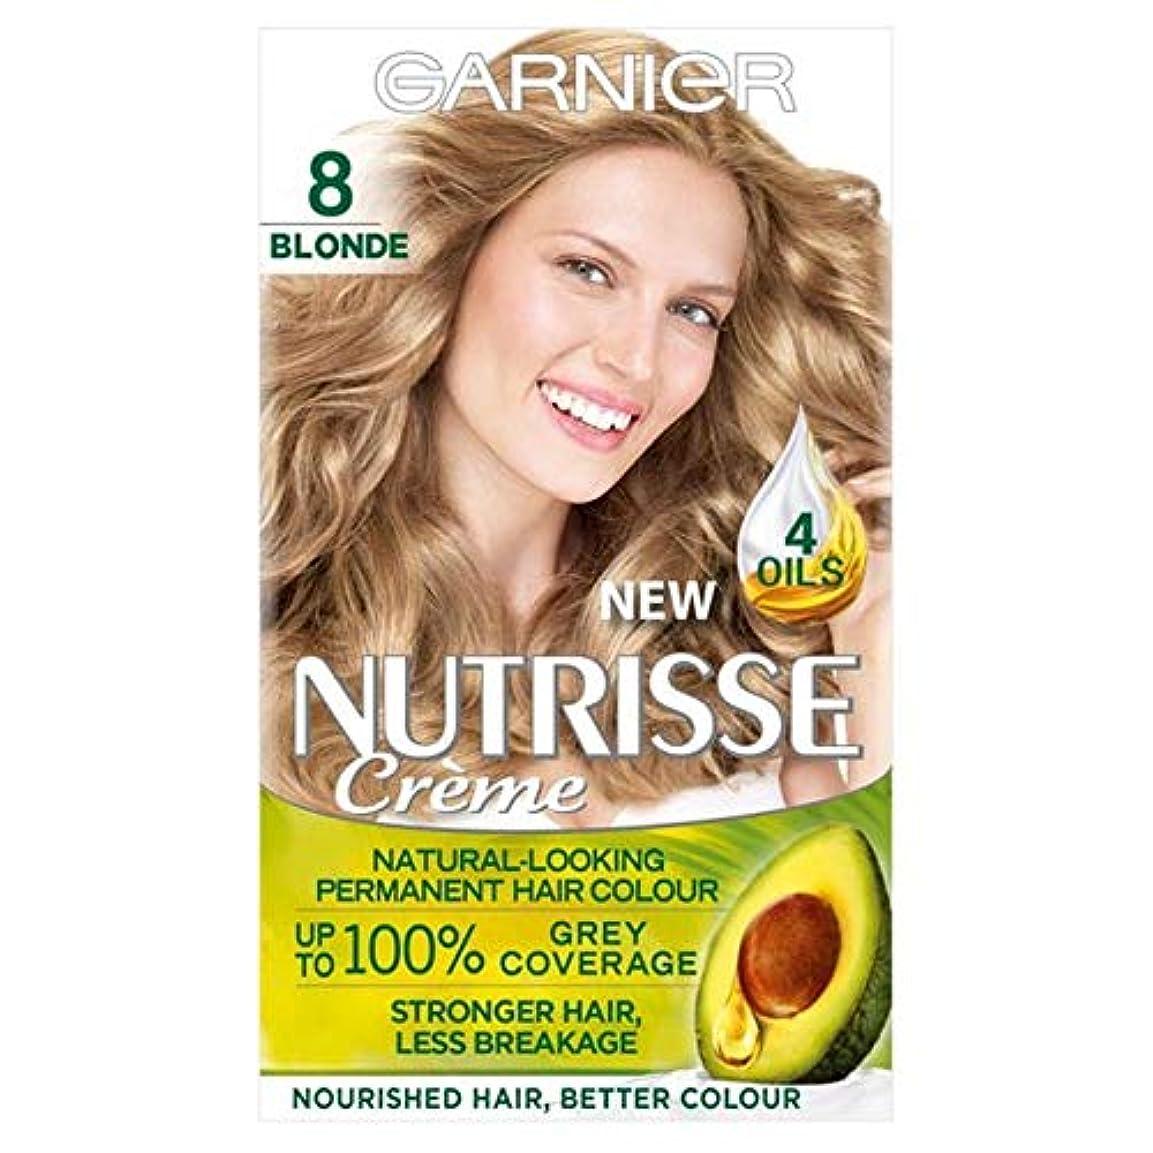 控えめな早く知覚できる[Nutrisse] 8ブロンドの永久染毛剤Nutrisseガルニエ - Garnier Nutrisse 8 Blonde Permanent Hair Dye [並行輸入品]